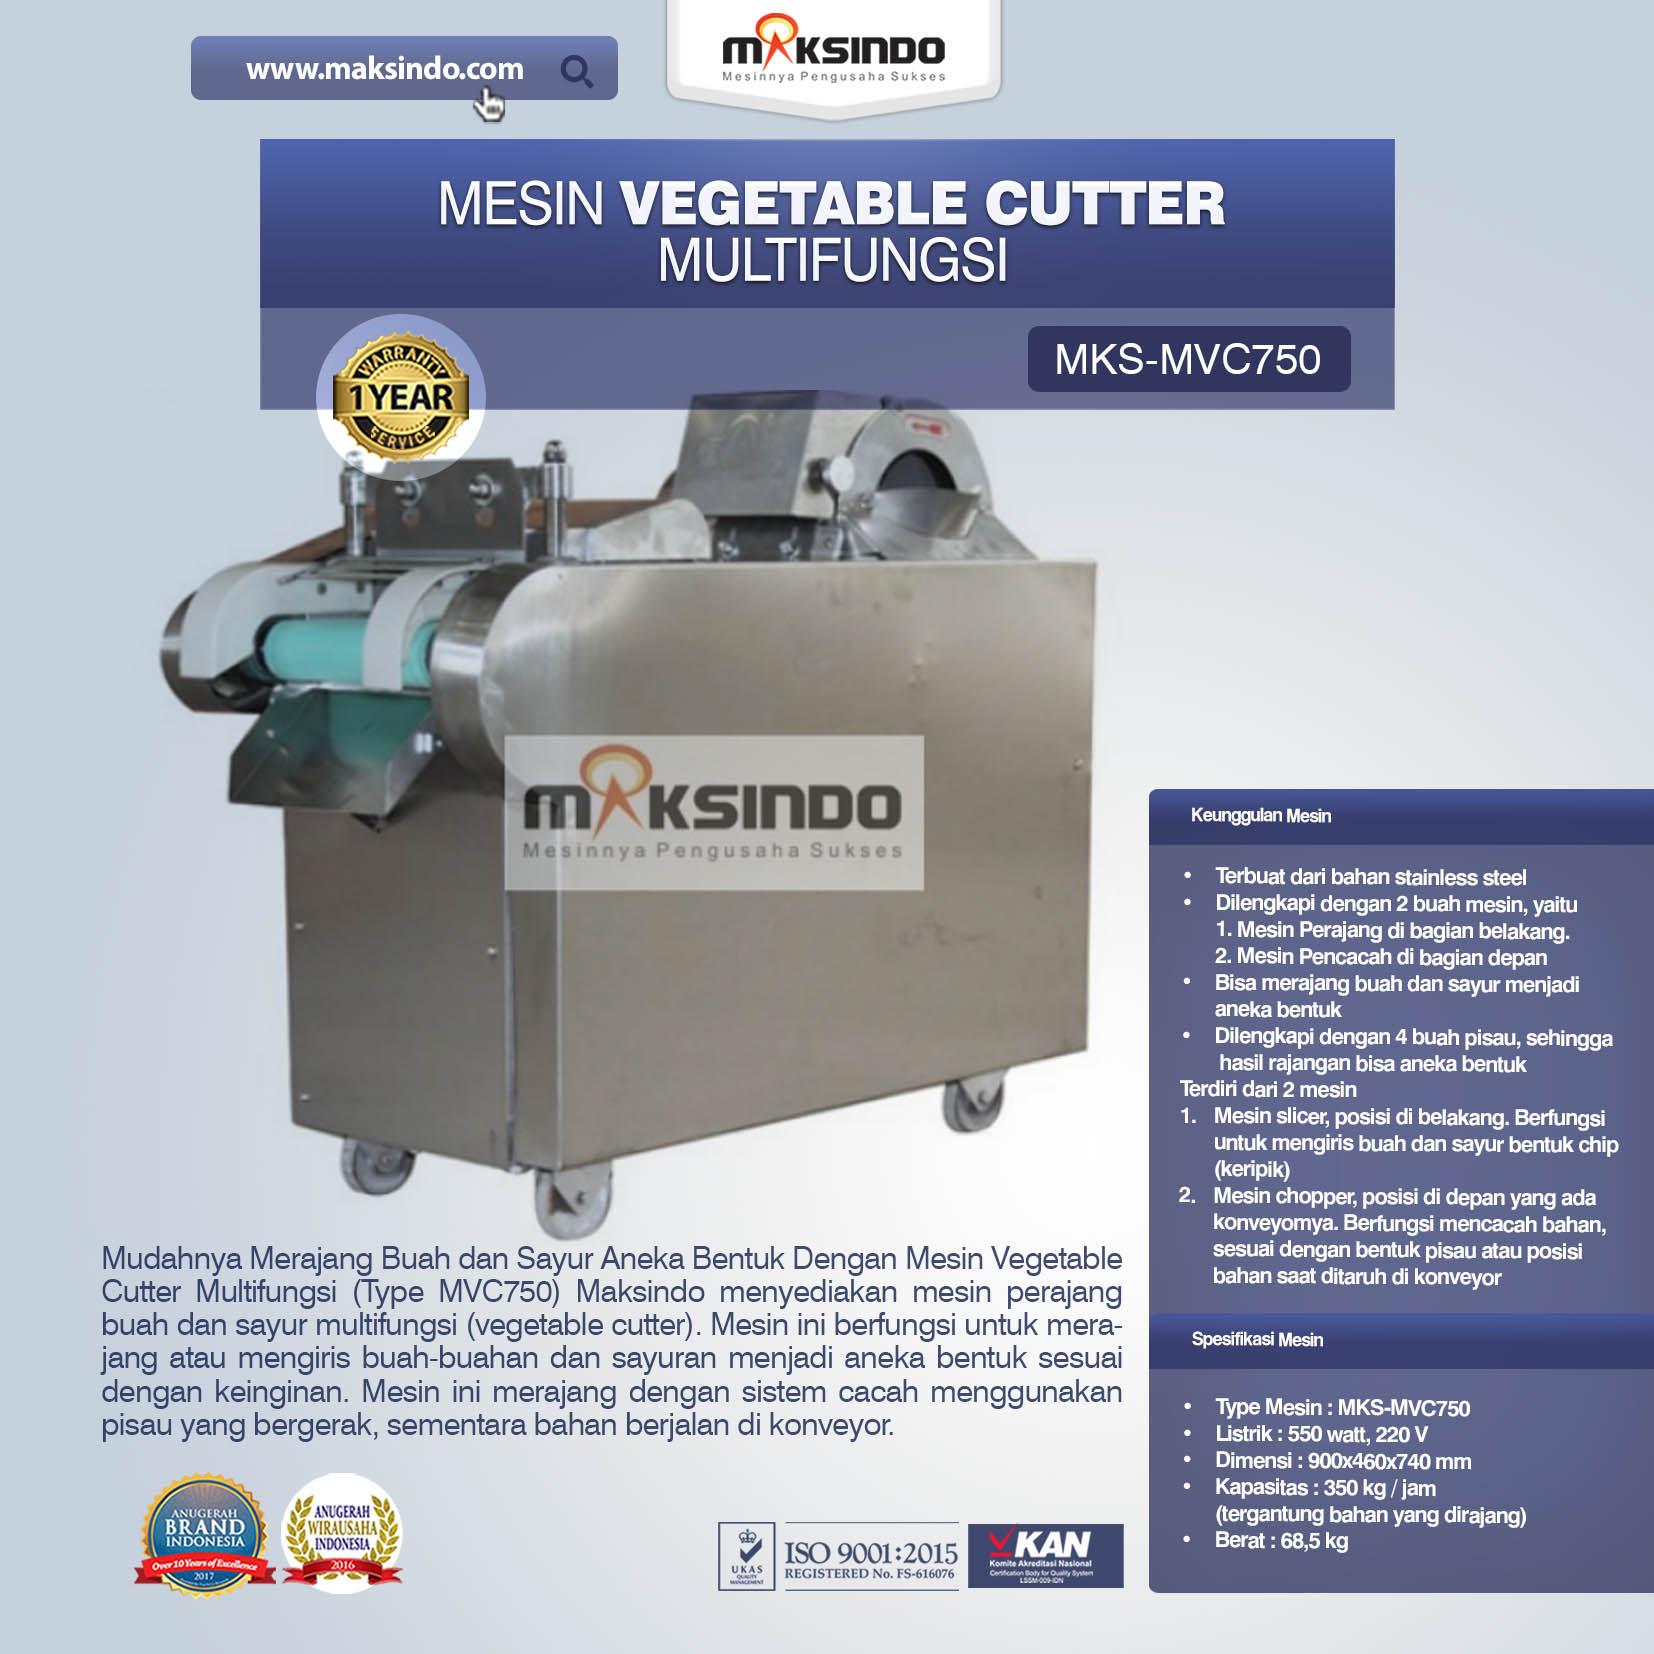 Jual Mesin Vegetable Cutter Multifungsi (Type MVC750) di Palembang